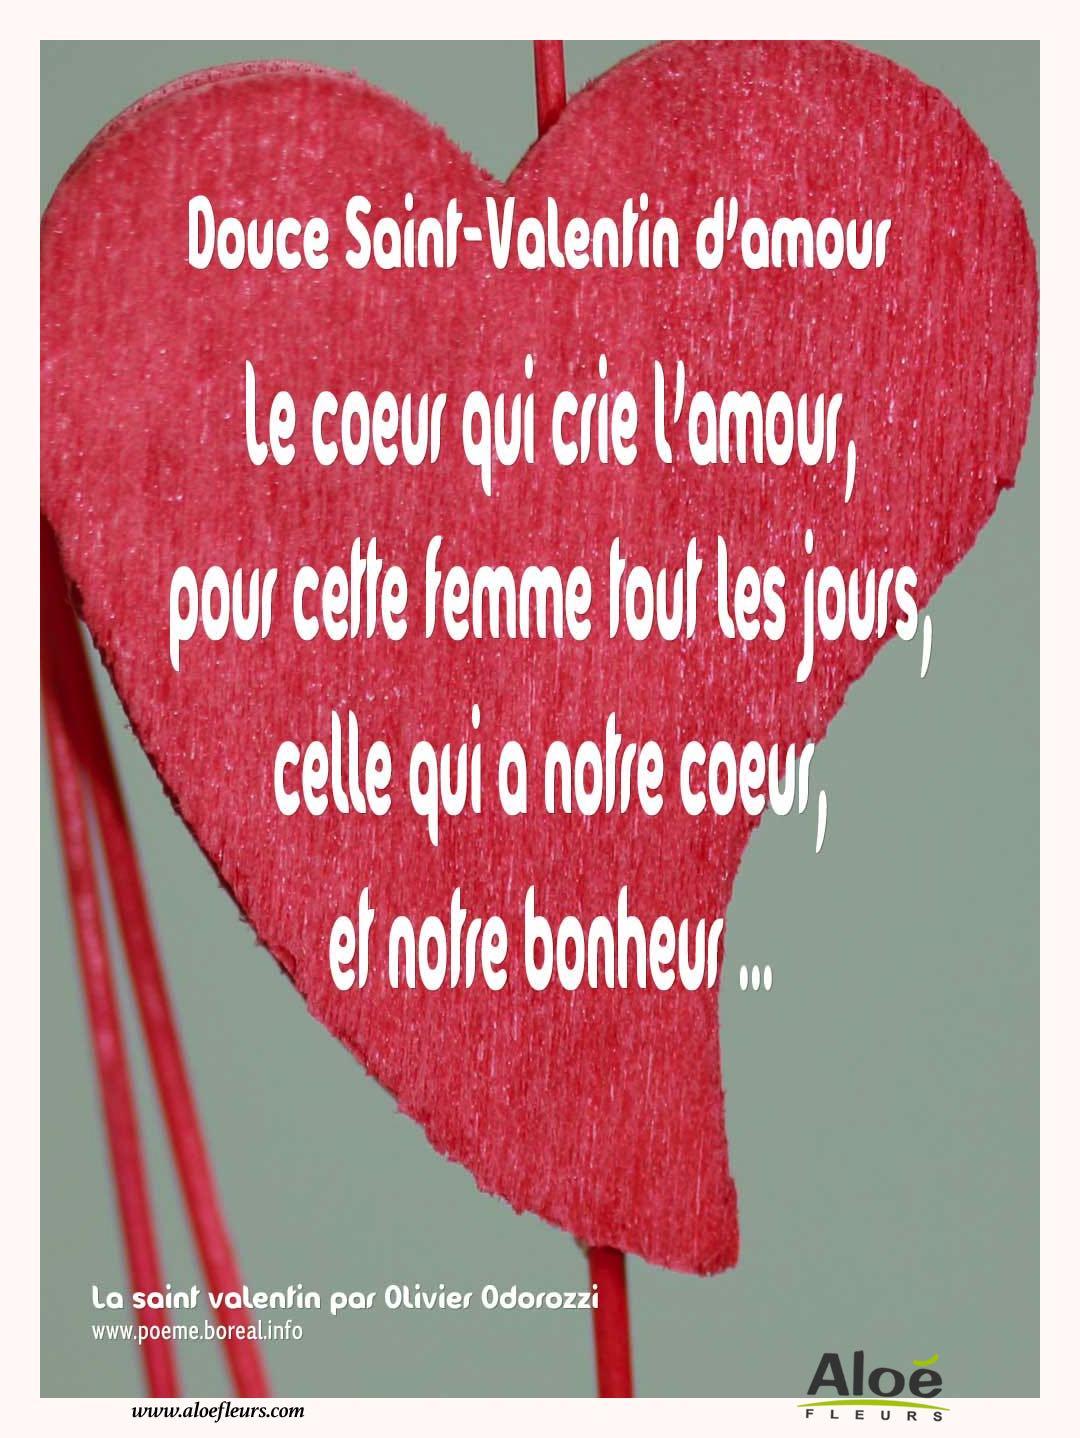 Citations D Amour Et Saint Valentin Douce Saint Valentin D